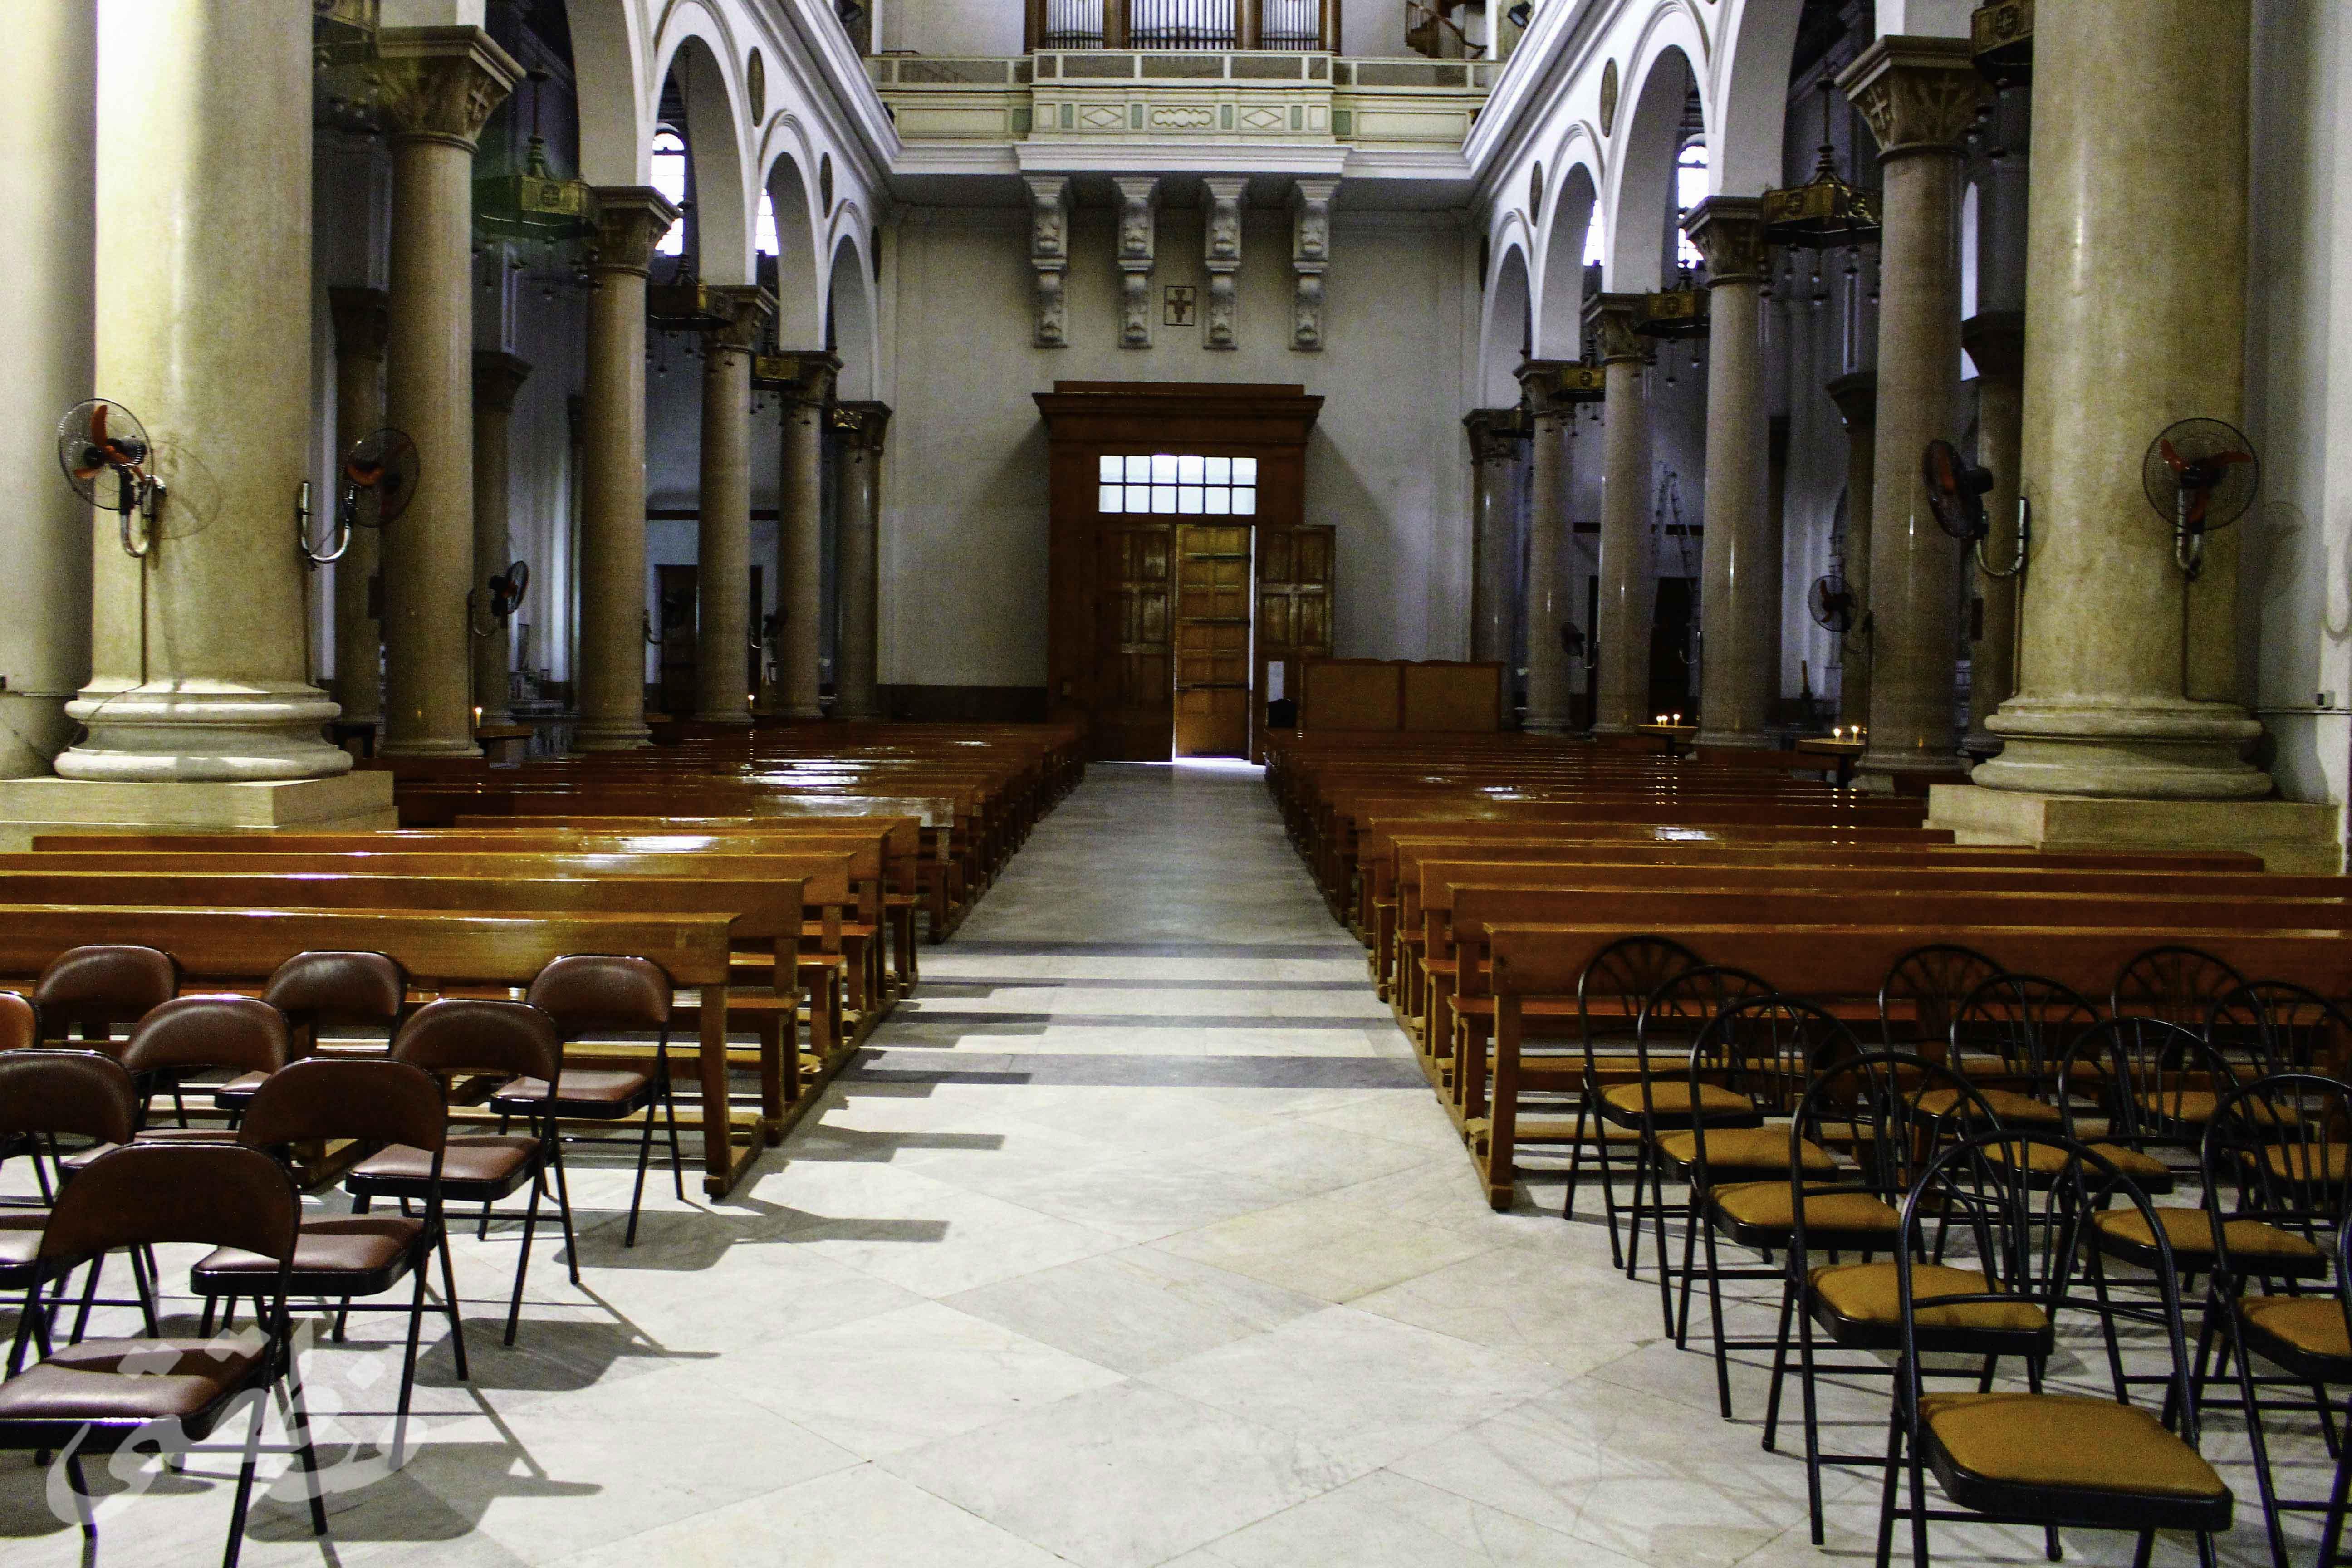 كنيسة سان جوزيف من الداخل - تصوير- صديق البخشونجي